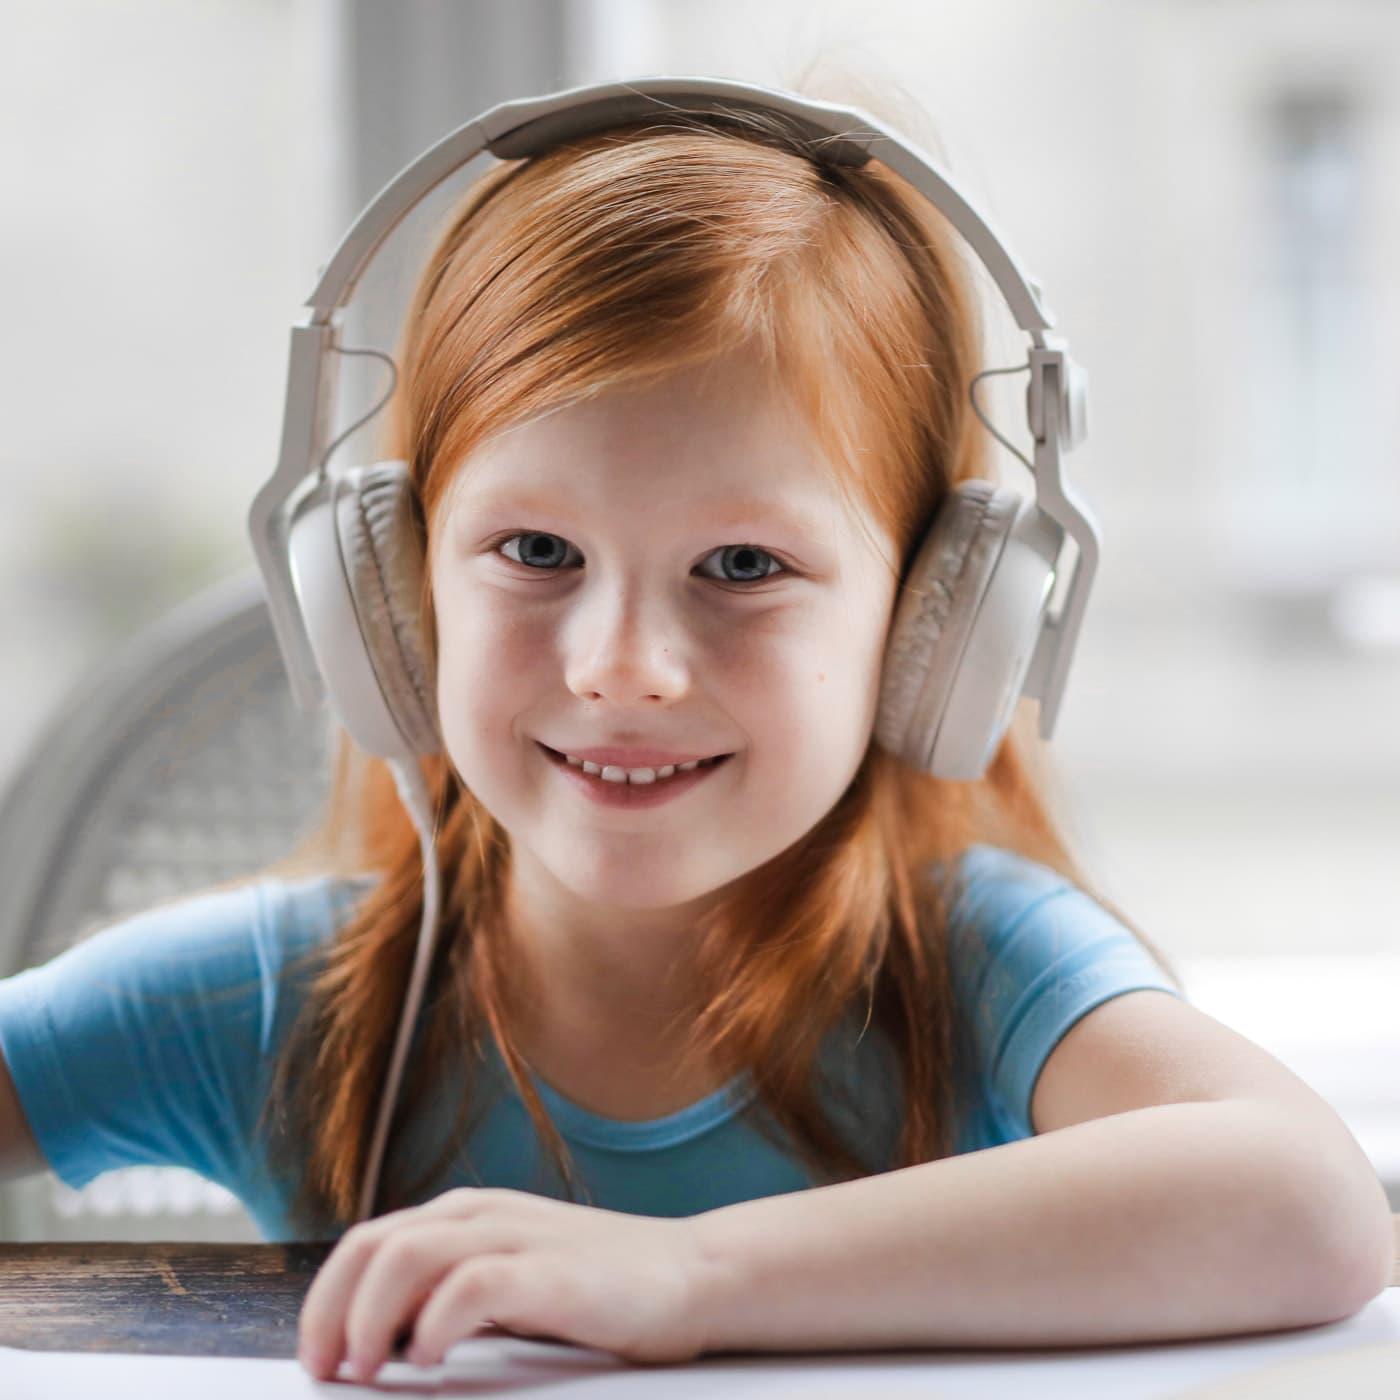 Packliste für Autofahrten – Reisen mit Kindern: Gute Kopfhörer, Hörspiele, Playlists // HIMBEER